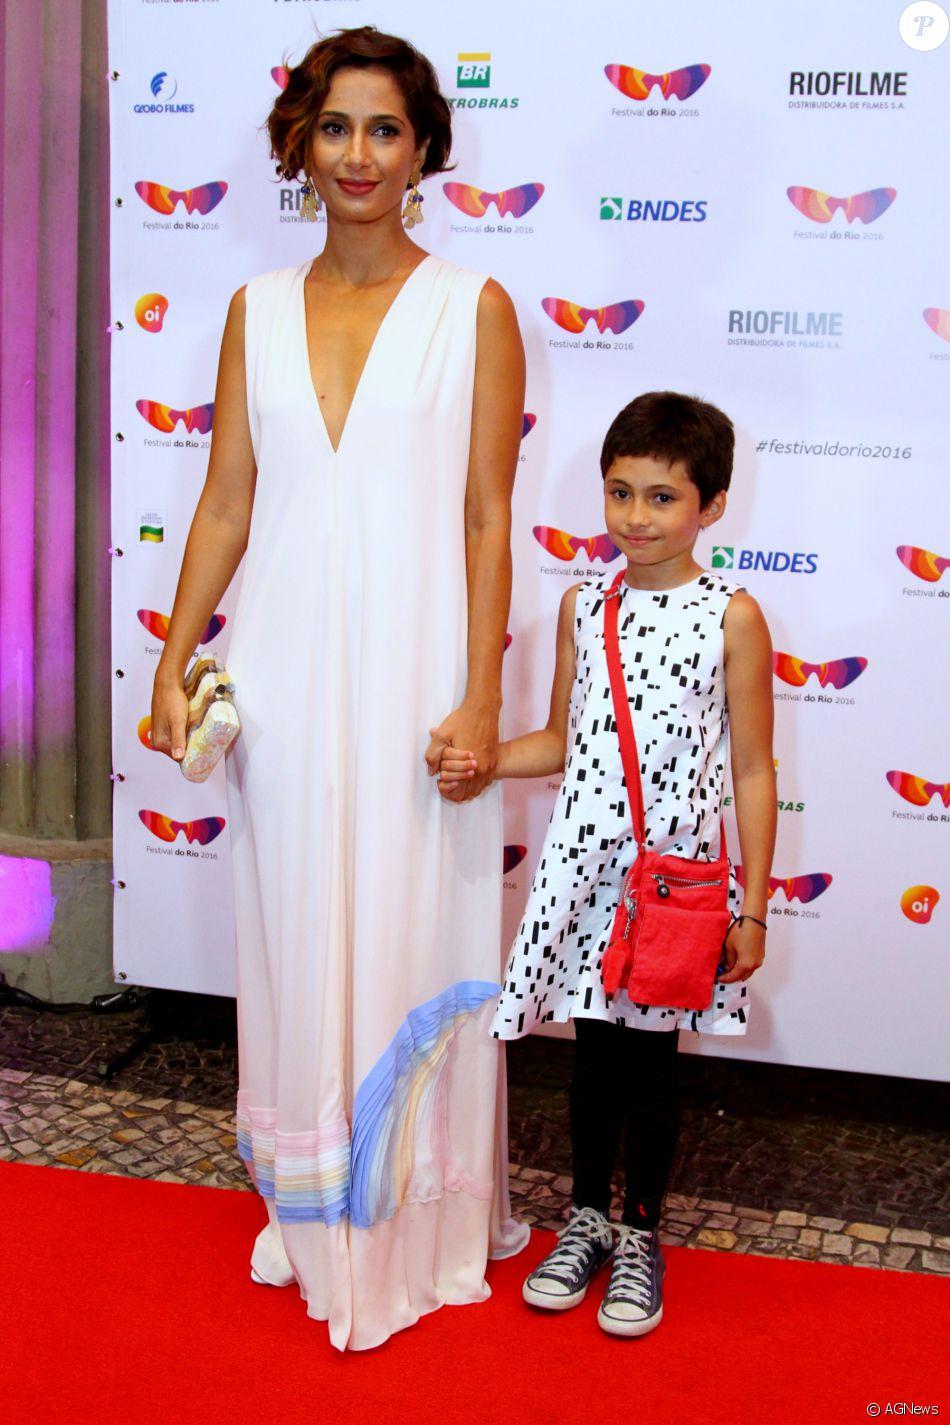 Camila Pitanga levou sua filha ao evento e exibiu também o look da pequena Antônia no sábado, 15 de outubro de 2016